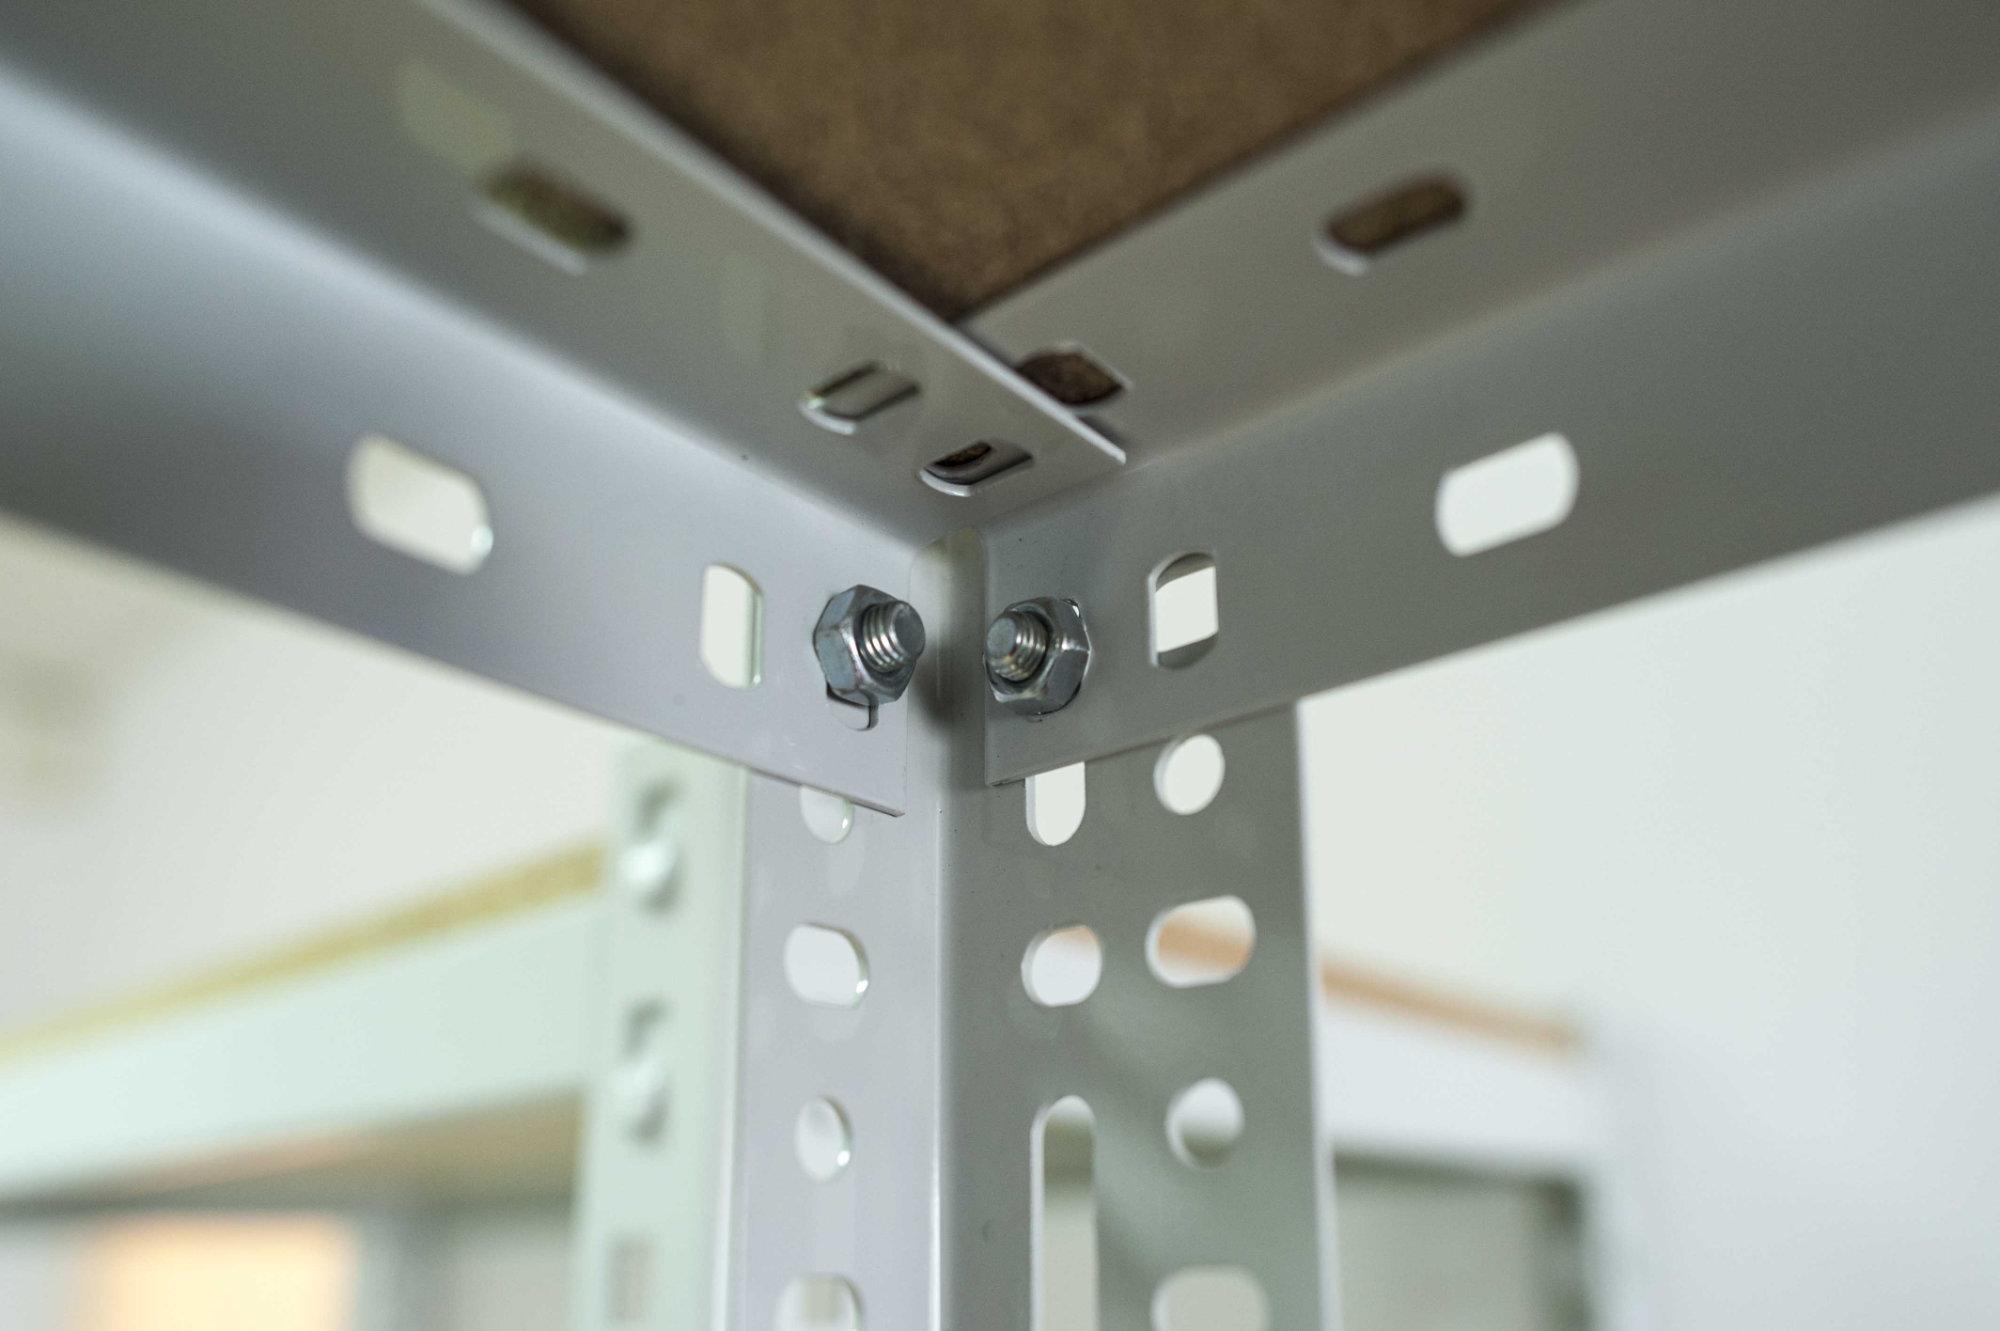 Regał magazynowy skręcany Typu RPC zbliżenie na półkę i łączenia przy pomocy śrub